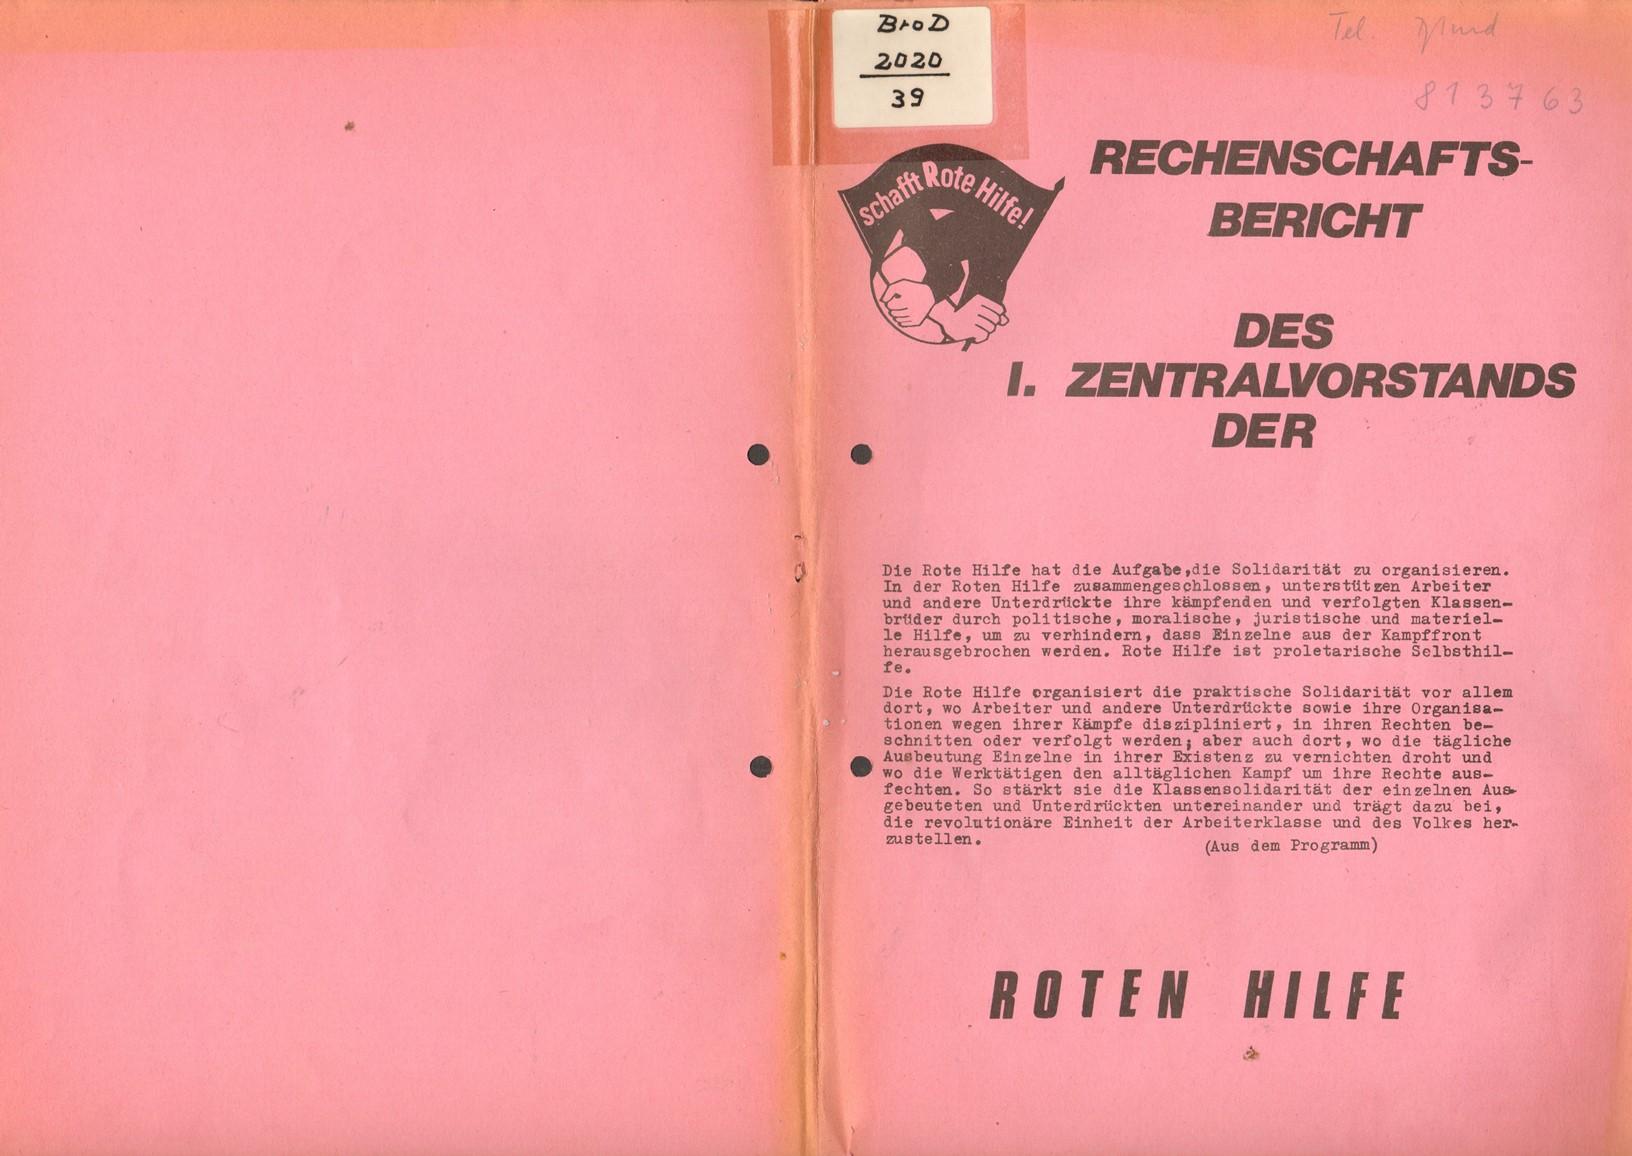 Dortmund_RHev_1974_Rechenschaftsbericht_01